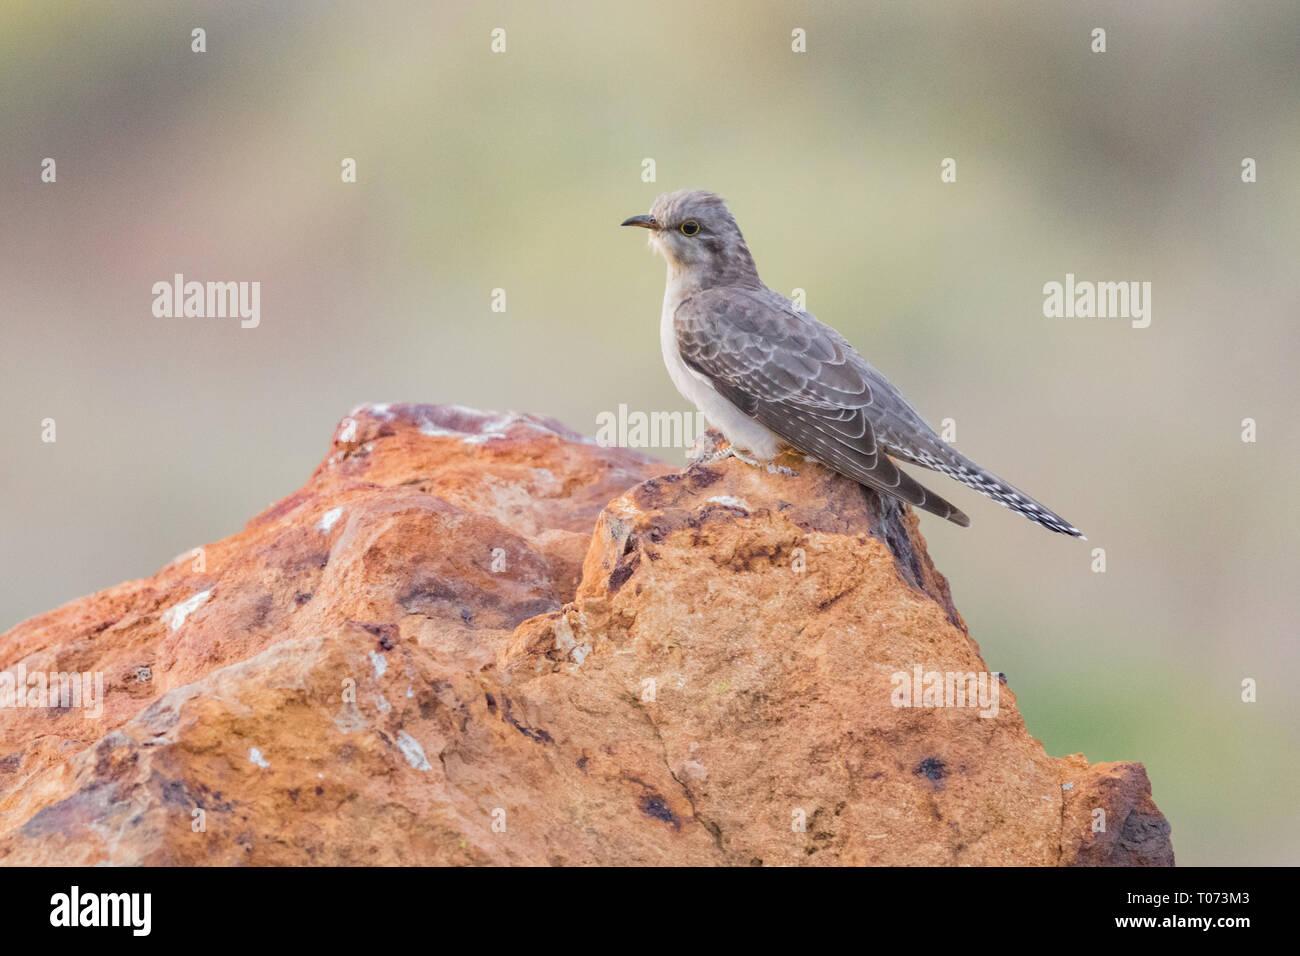 pallid cuckoo (Cacomantis pallidus) - Stock Image